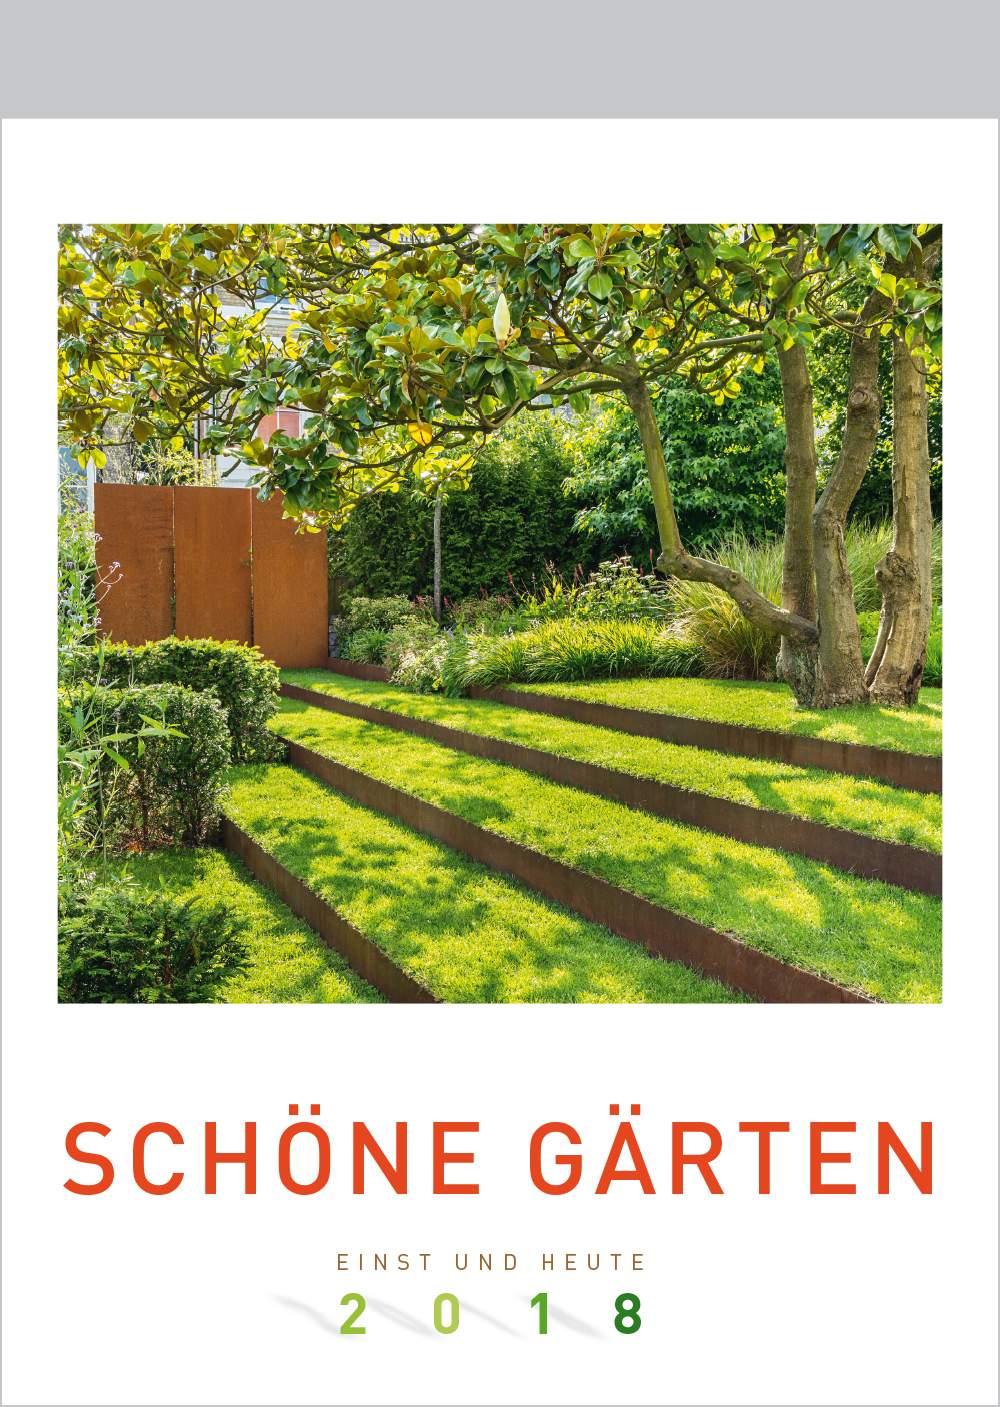 Schöne Gärten Schön Schöne Gärten Einst Und Heute 2018